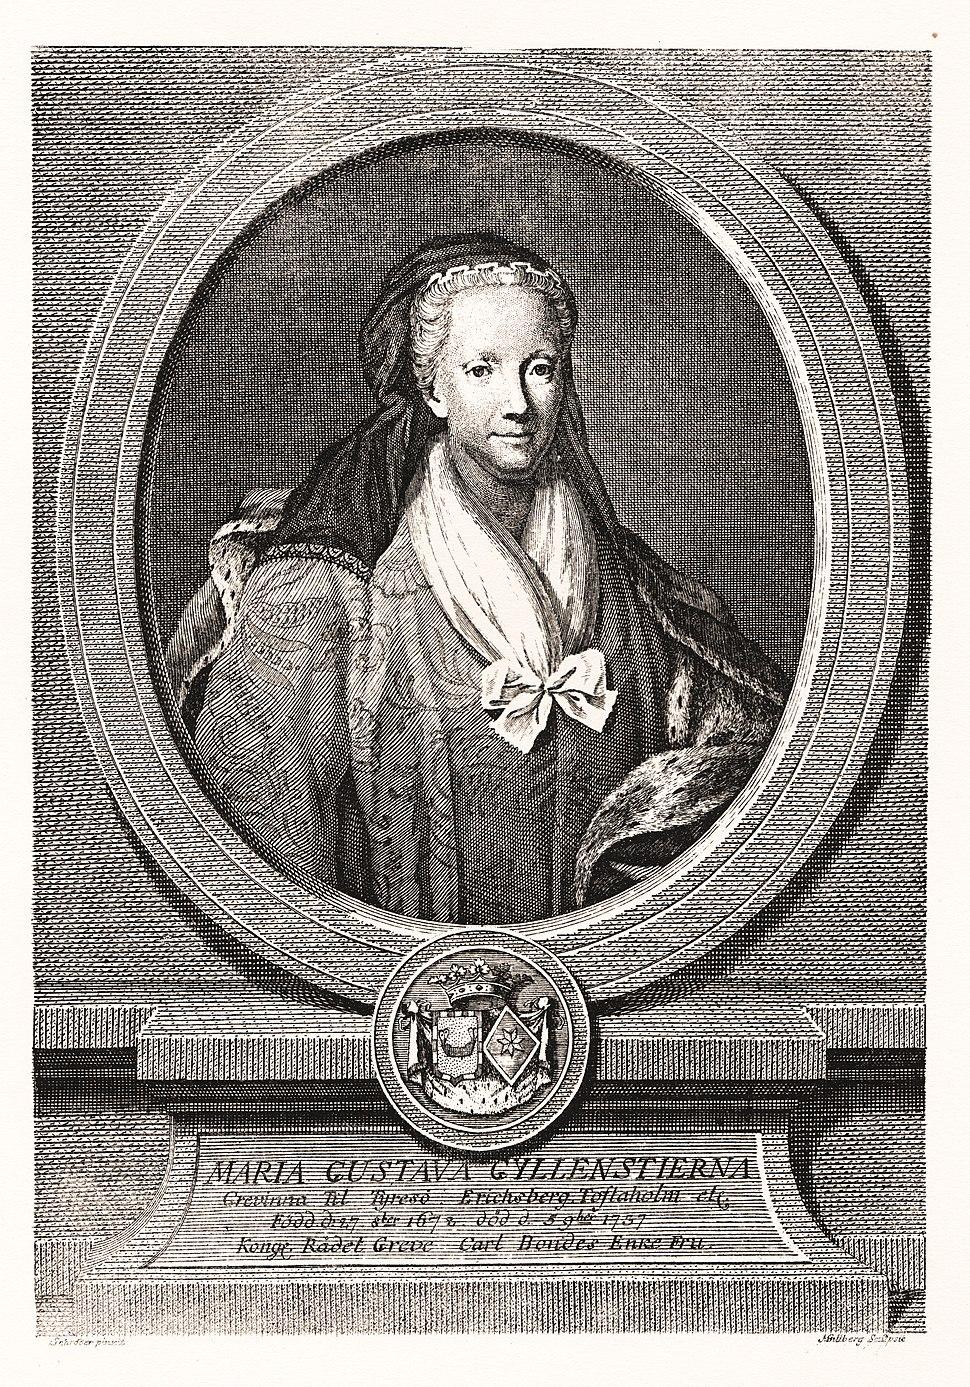 Maria Gustava Gyllenstierna SP156